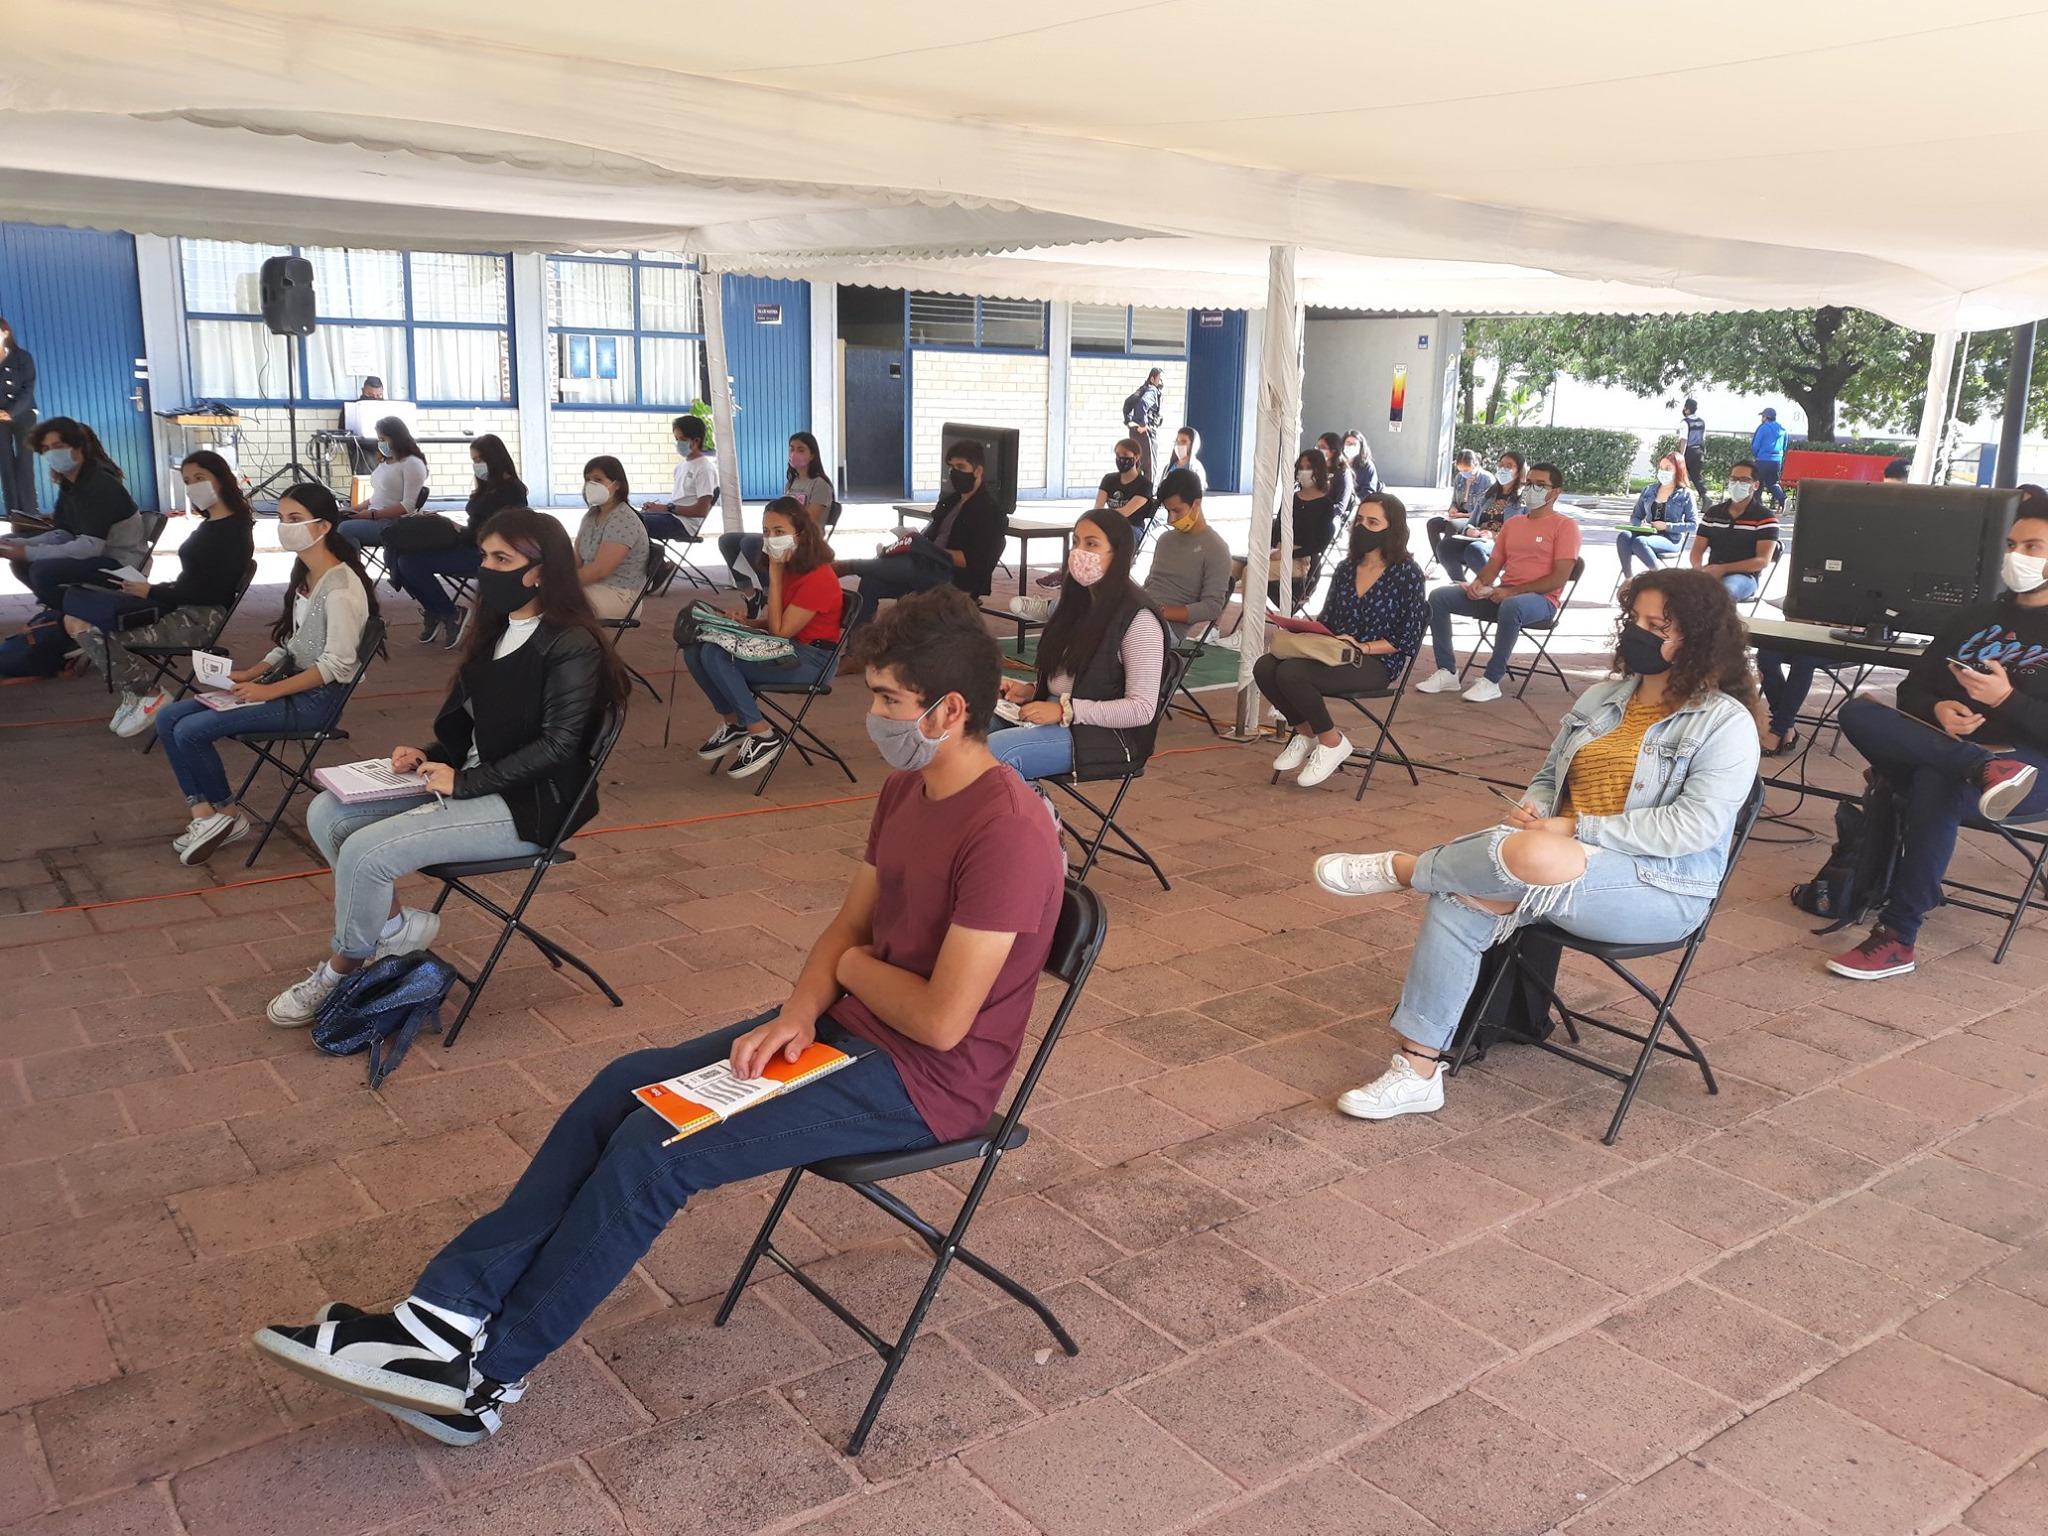 Los estudiantes se presentaron en un espacio abierto y mantuvieron sana distancia